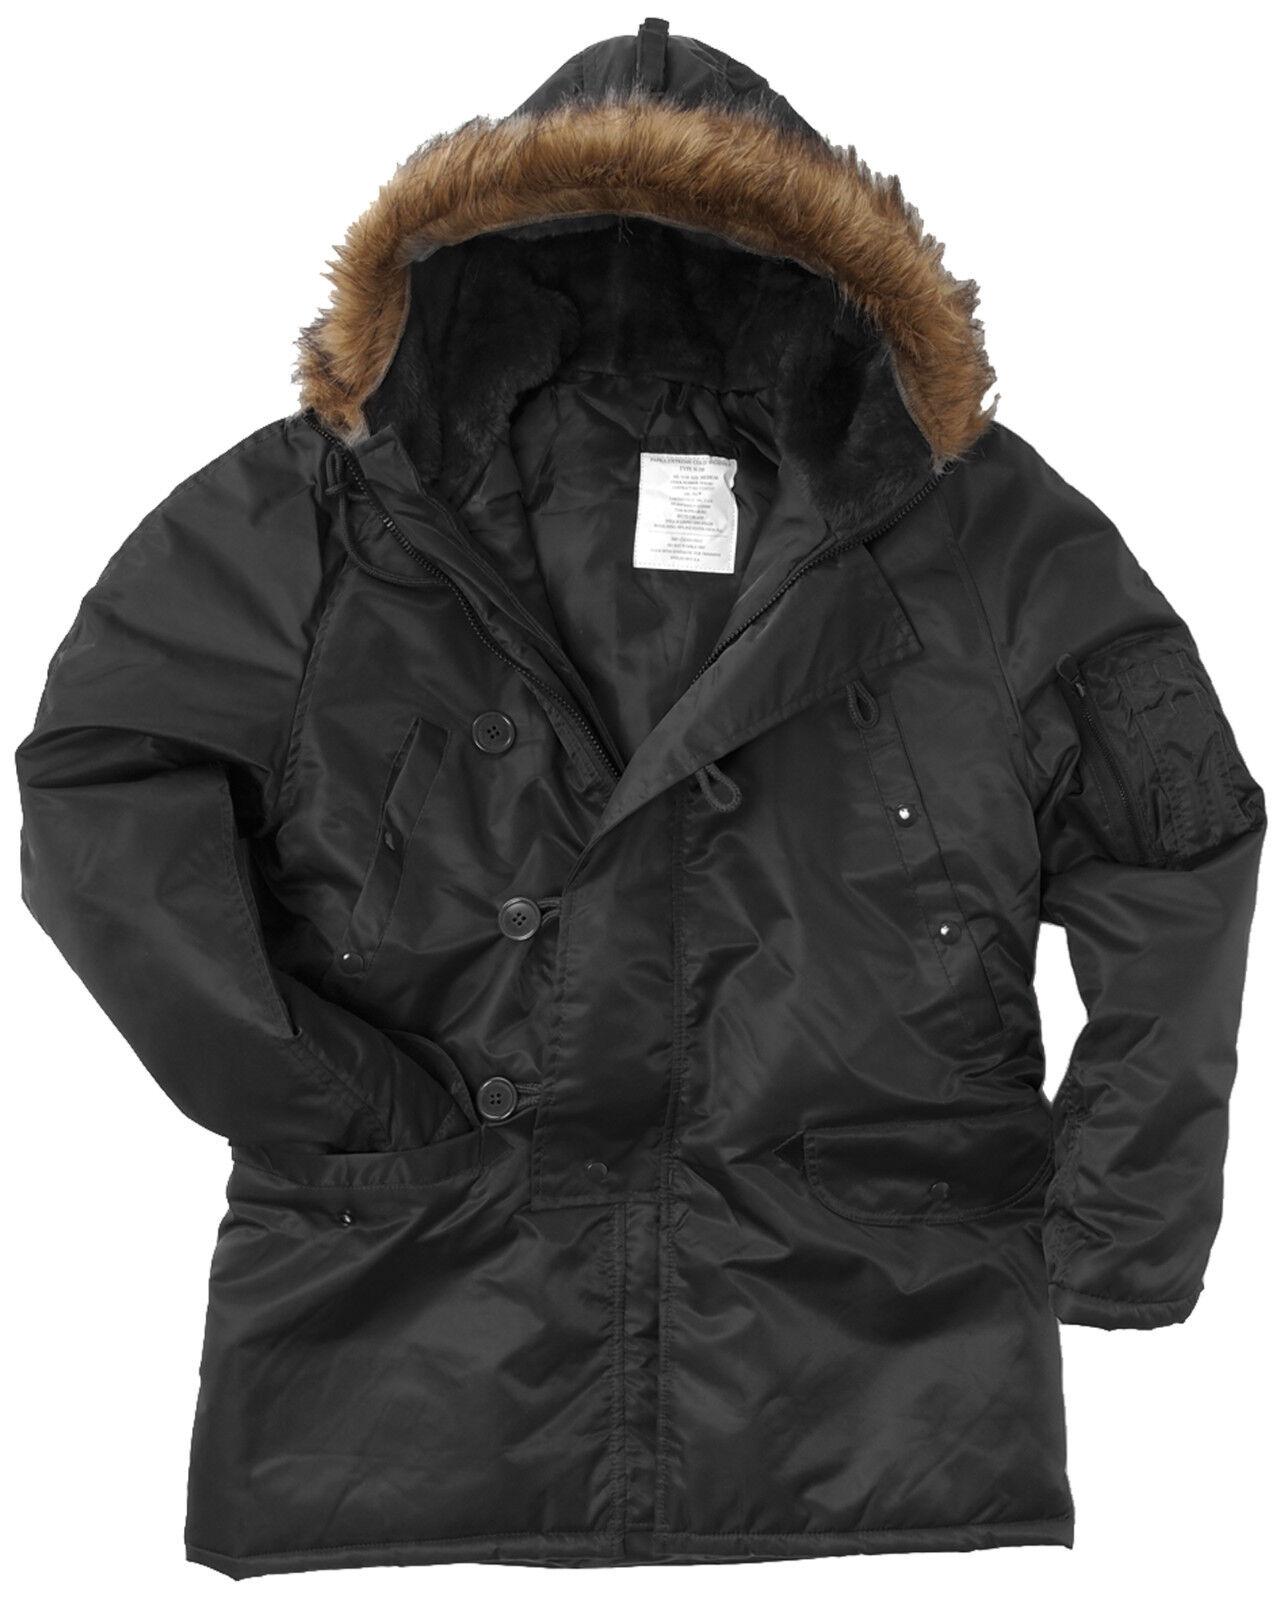 Noir N3B PARKA STYLE MILITAIRE US long à capuche polaire veste Temps froid